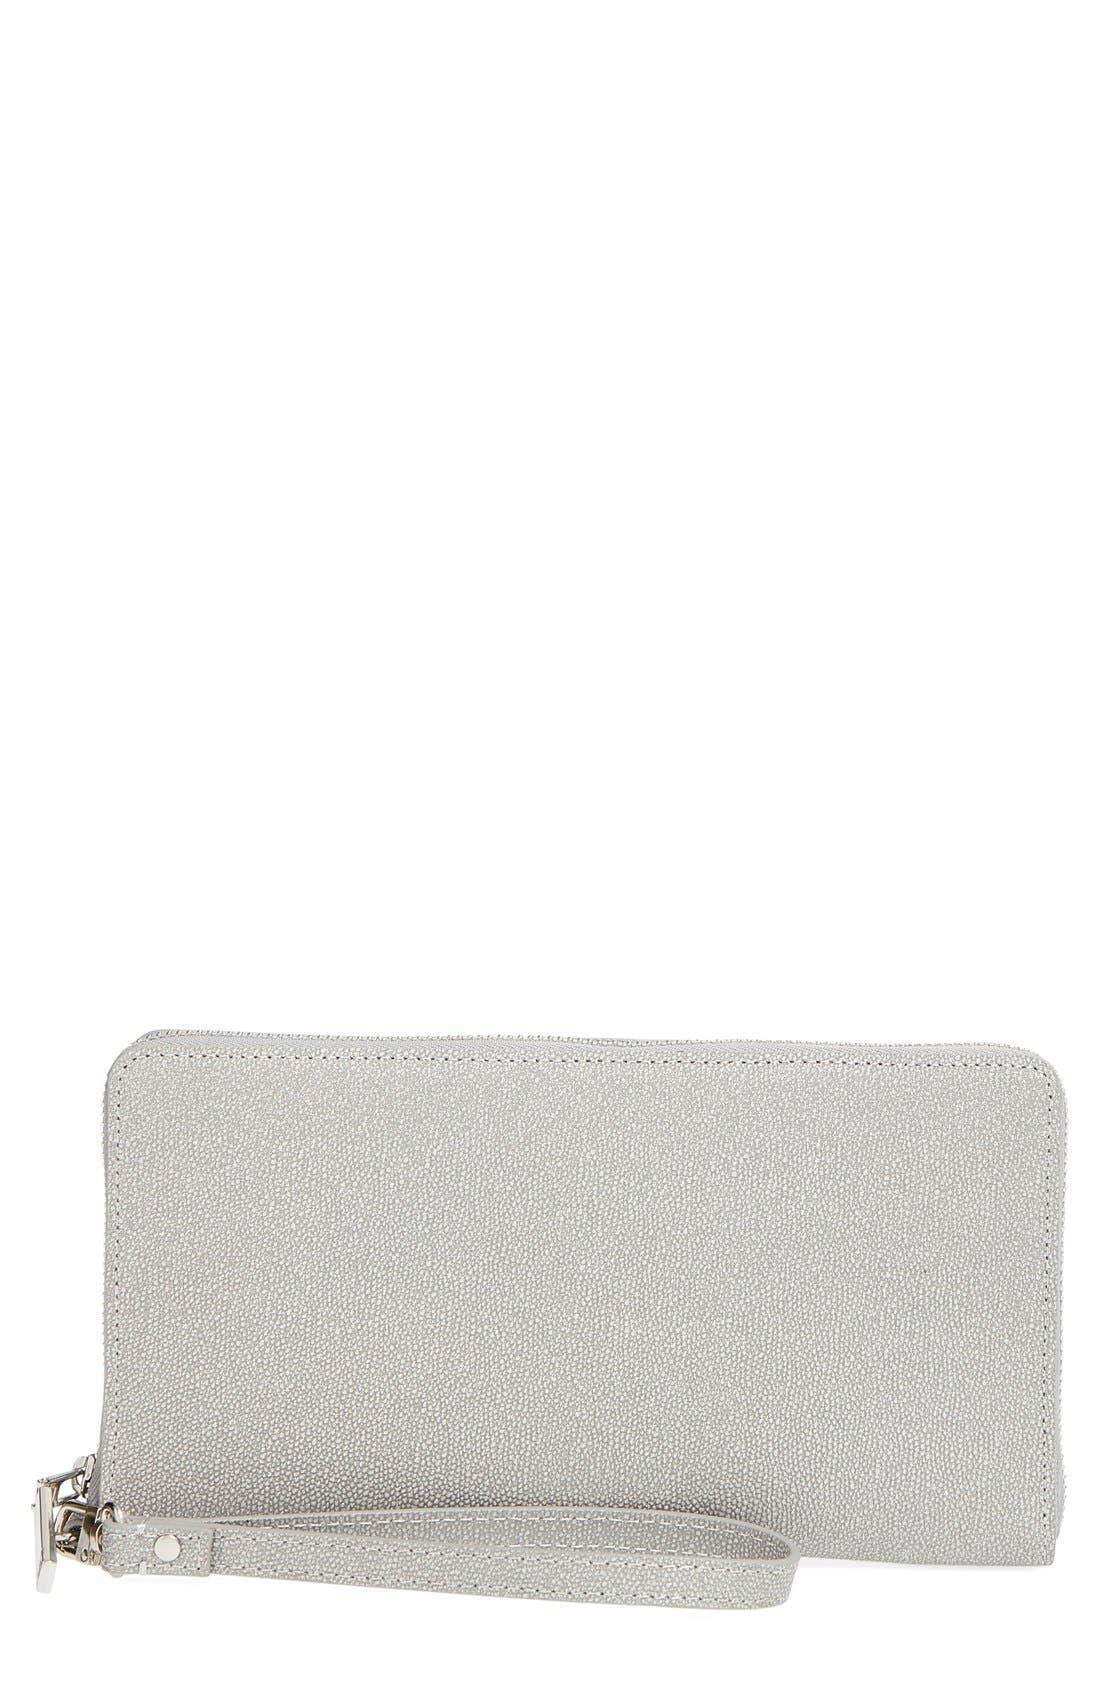 Alternate Image 1 Selected - Halogen® Zip Around Leather Wallet